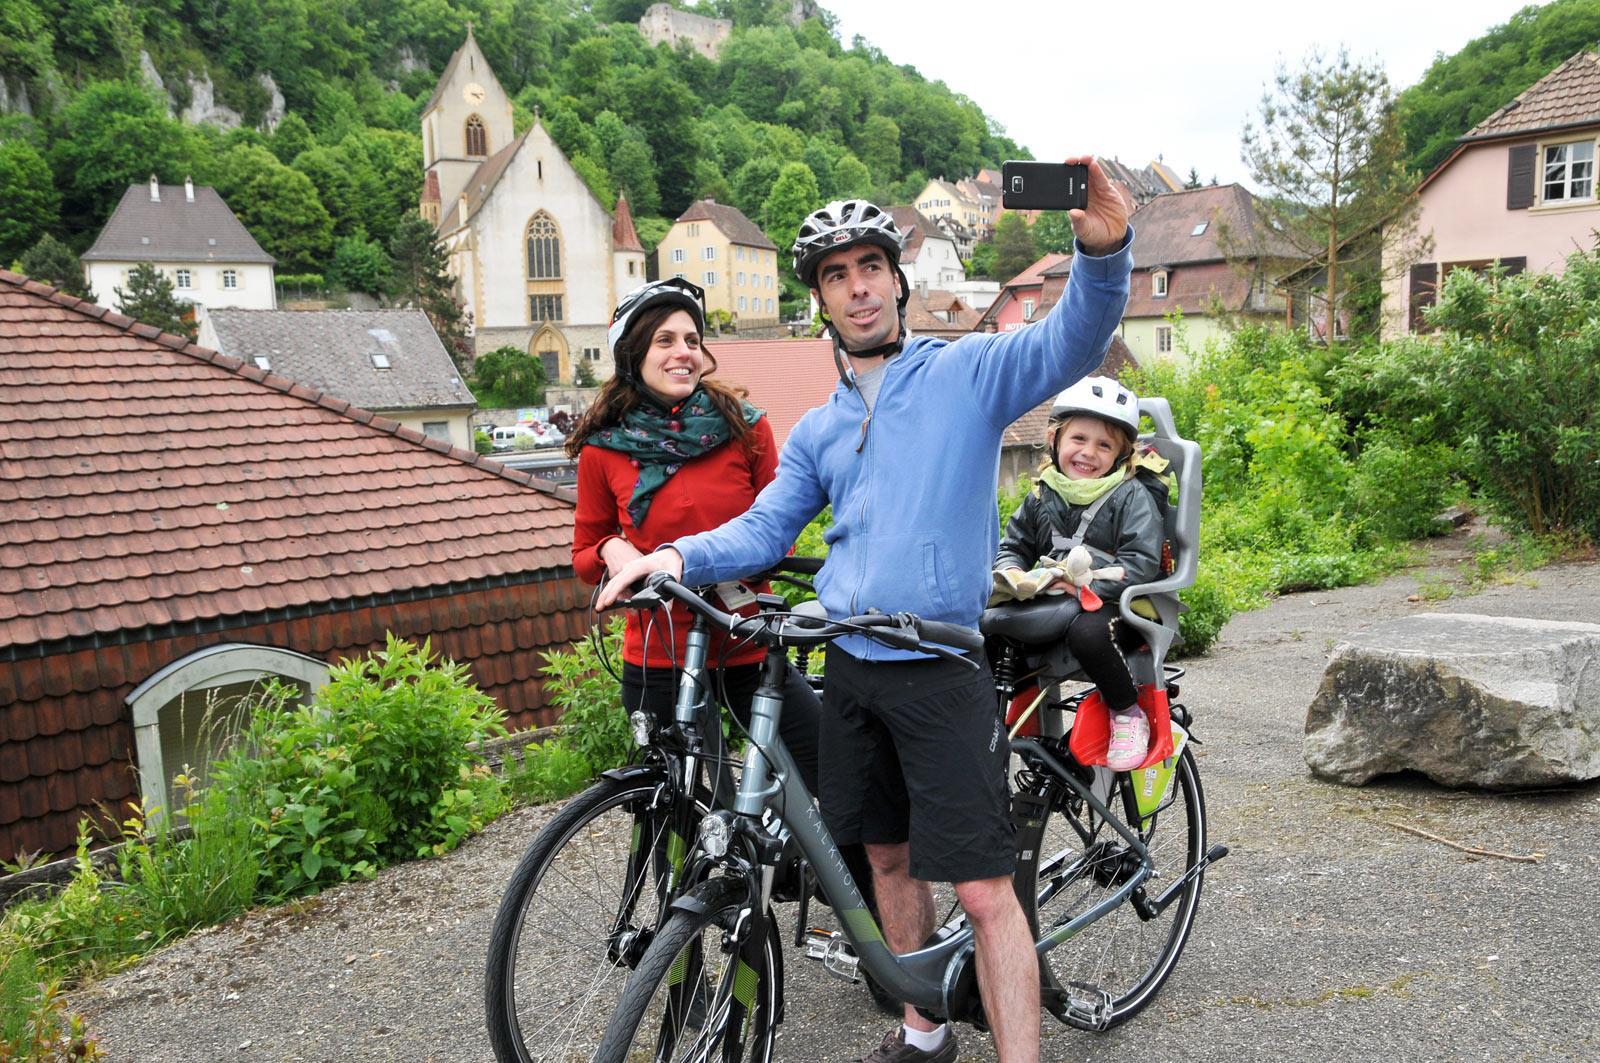 Fahrradtour im Sundgau n°5 - Am Fuss des Elsässischen Jura